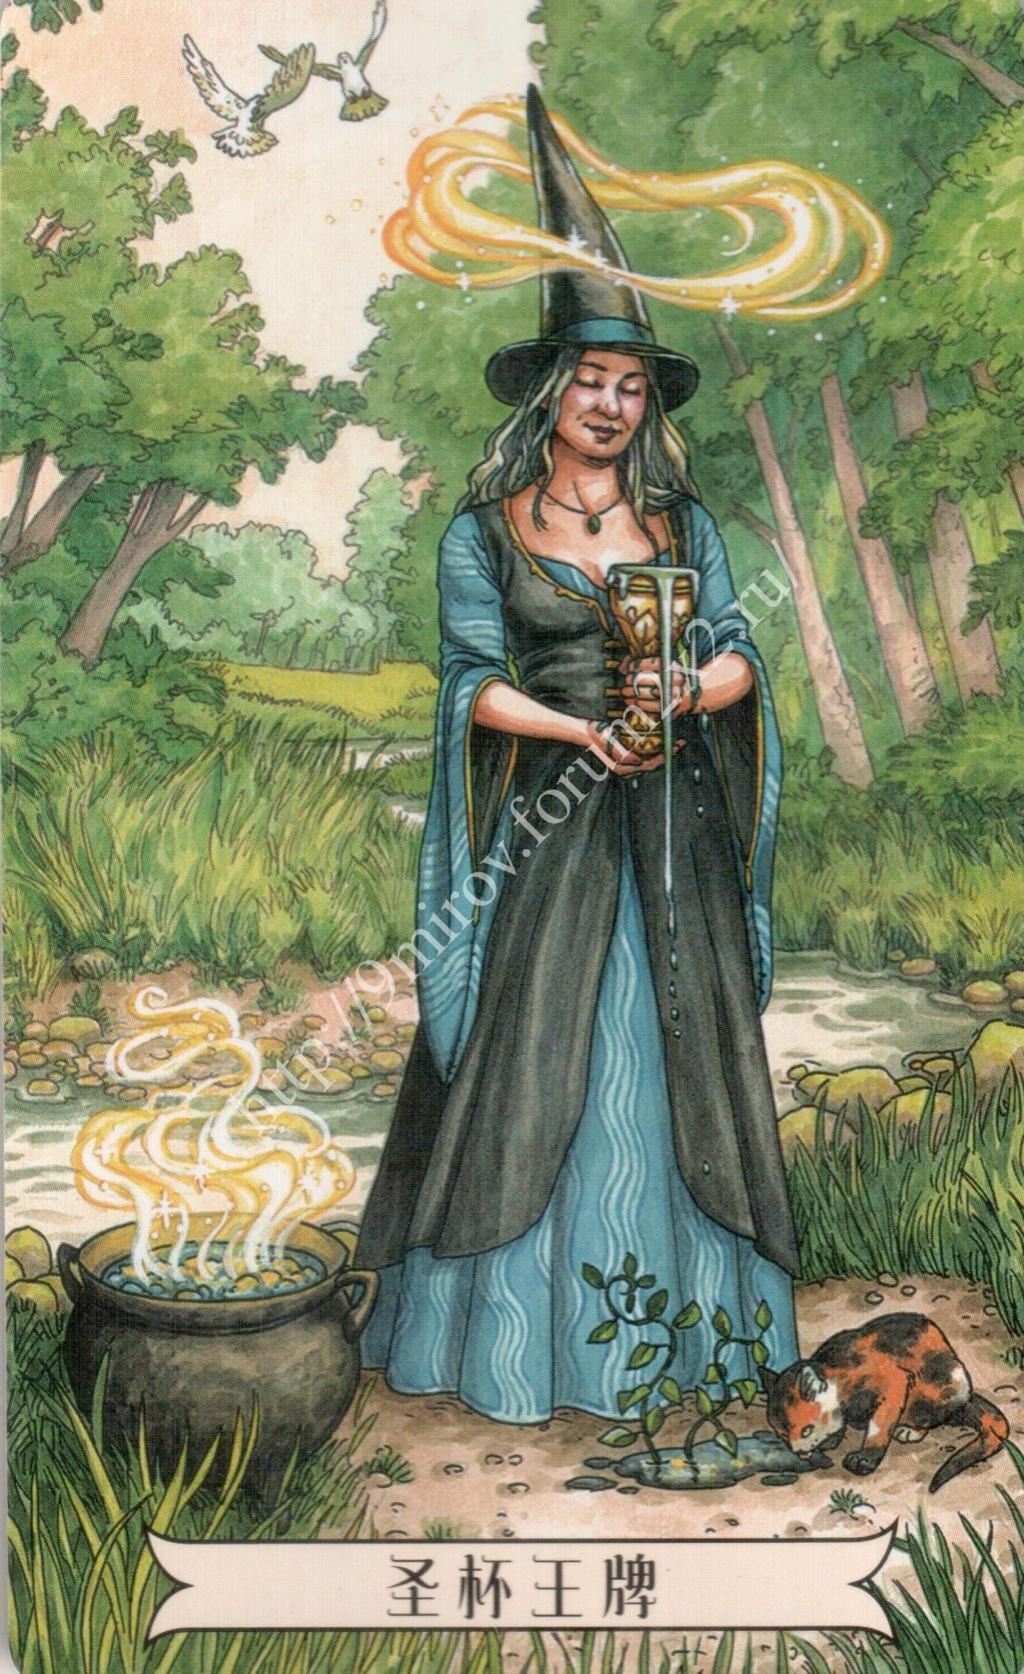 """""""Ведьма каждый день"""" (Ведьма день за днем, Everyday Witch Tarot). Китайская версия. Галерея.   Waterm33"""